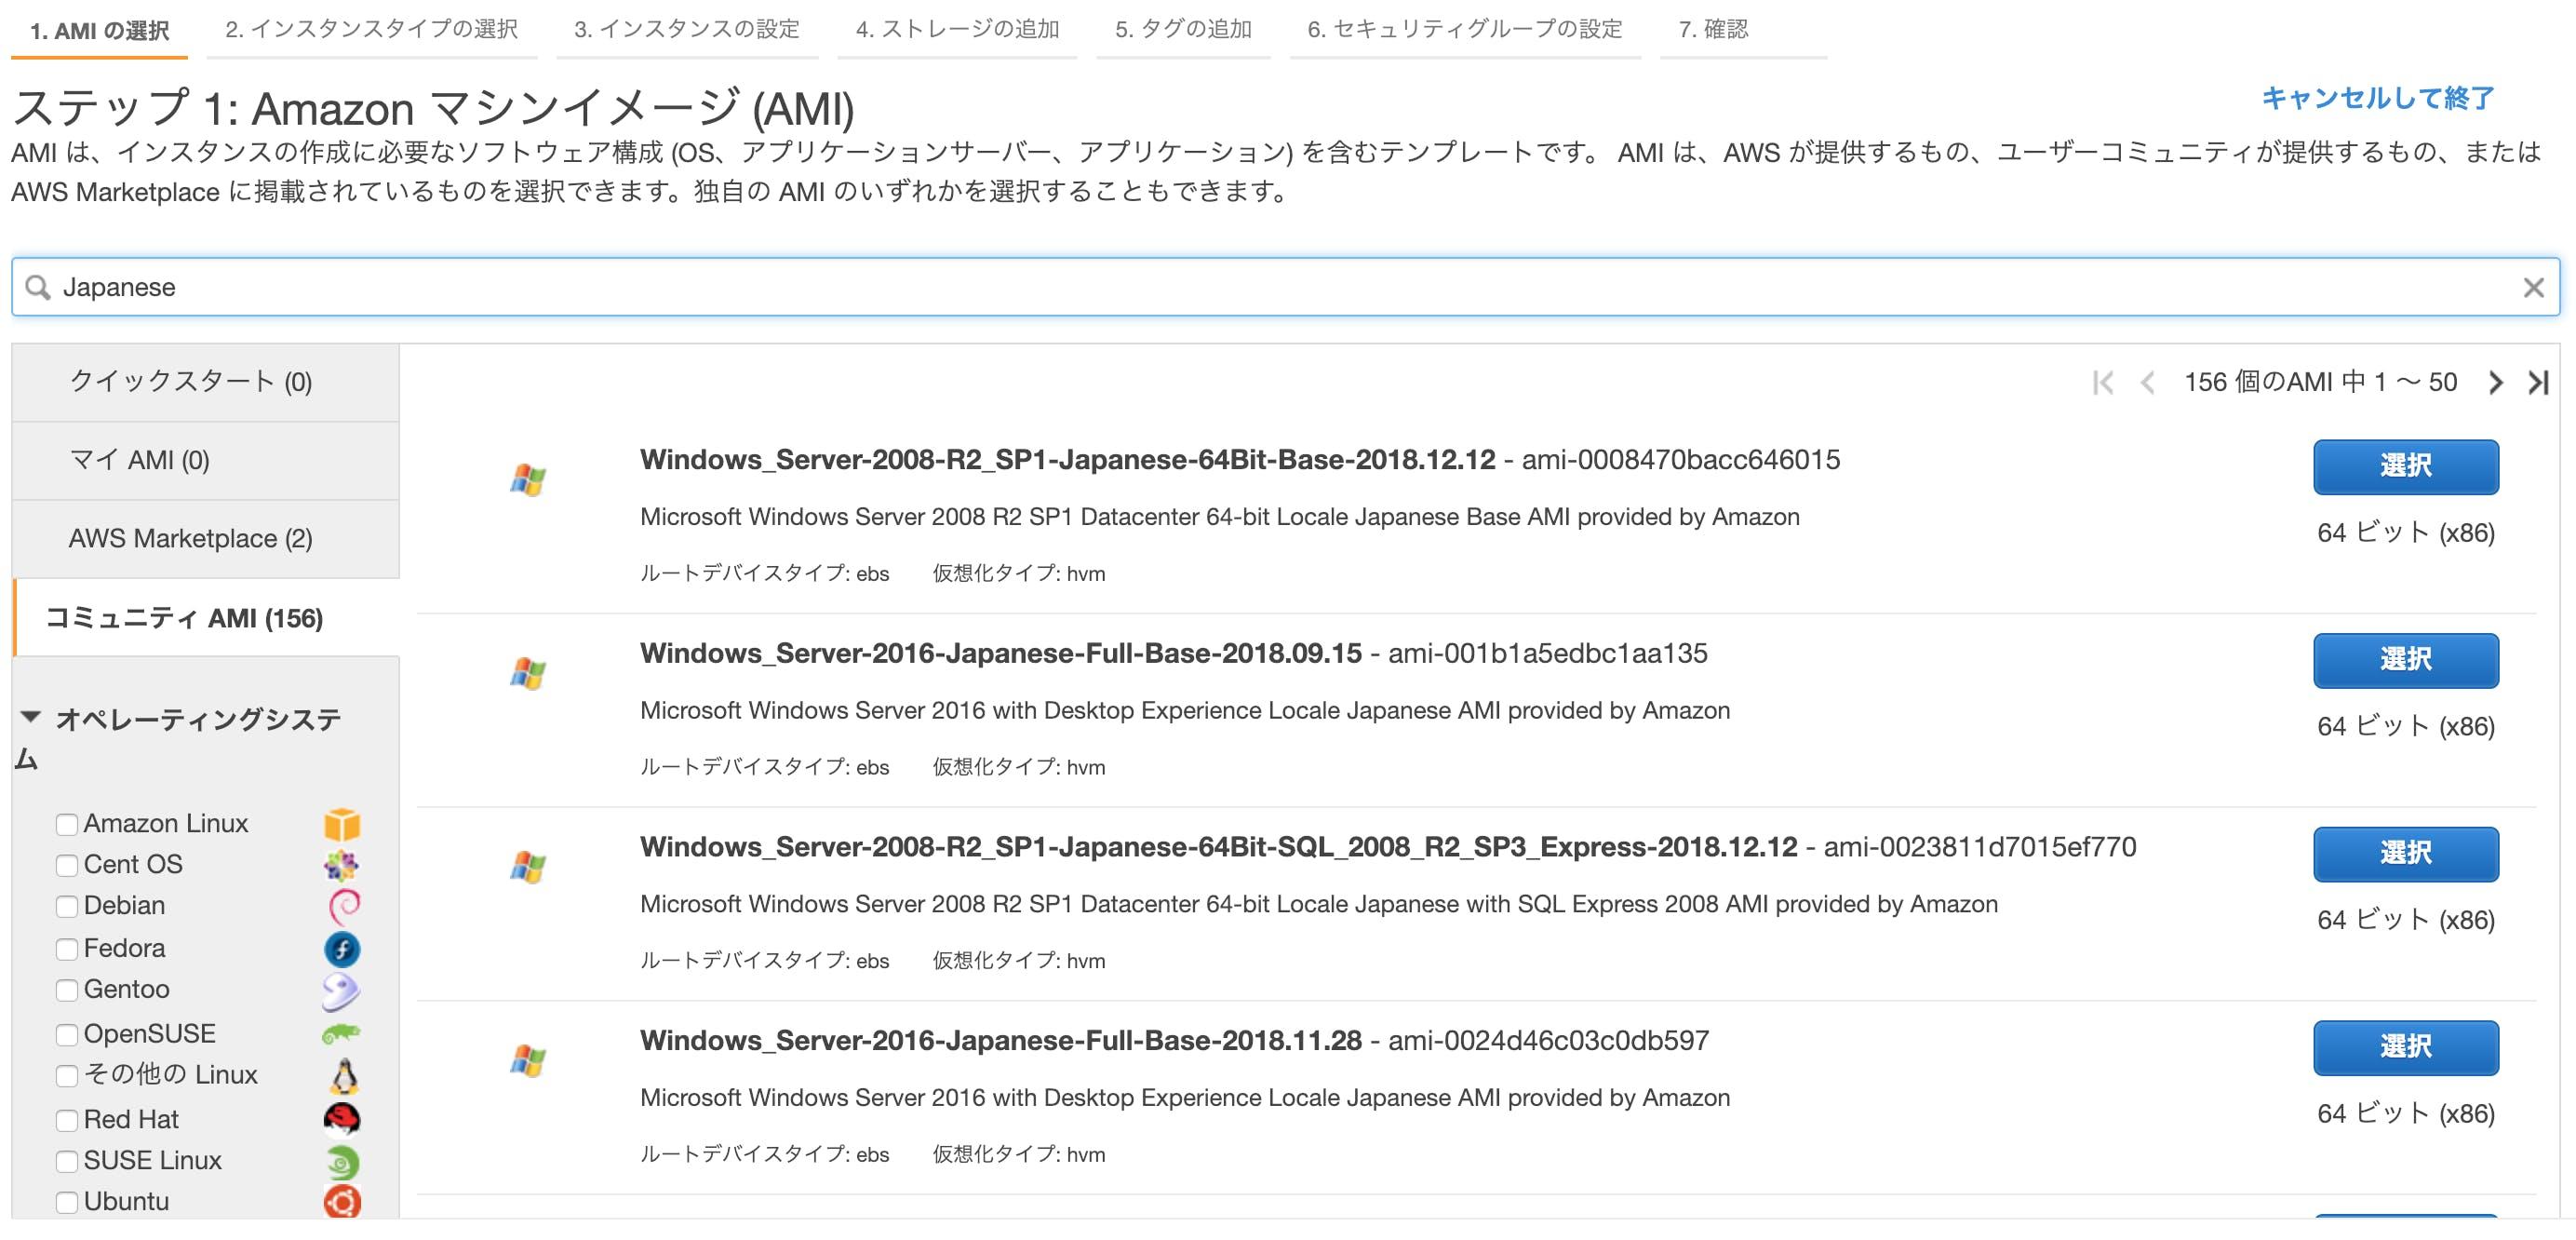 AWSで日本語版Windows Server AMIがどうしても見つからない時の対処法